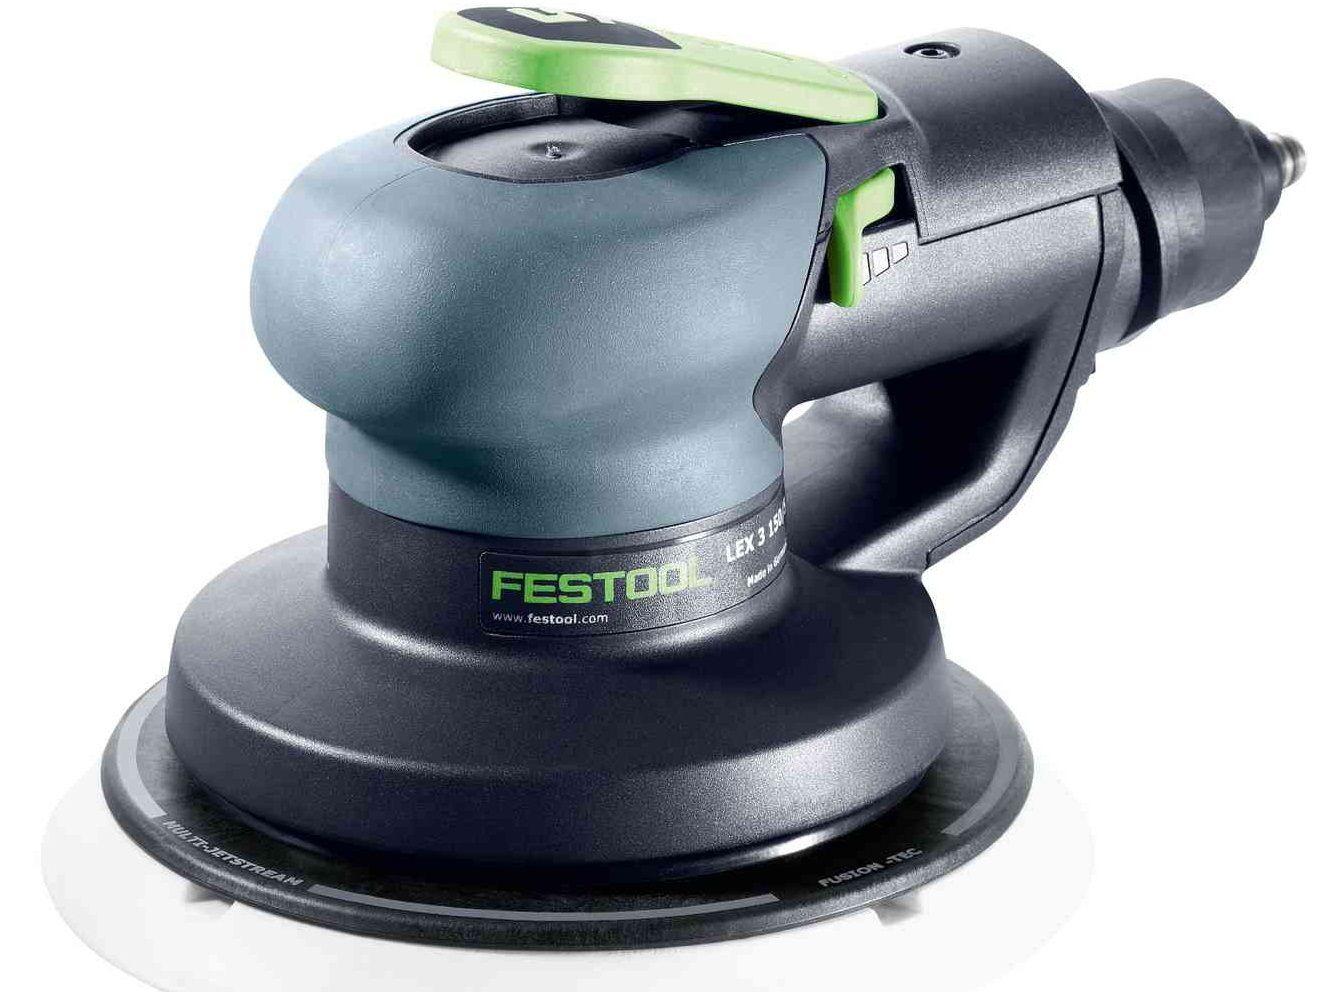 Pneumatická excentrická bruska Festool LEX 3 150/5 - 6bar, 150mm, 5mm, 1.0kg (575081)